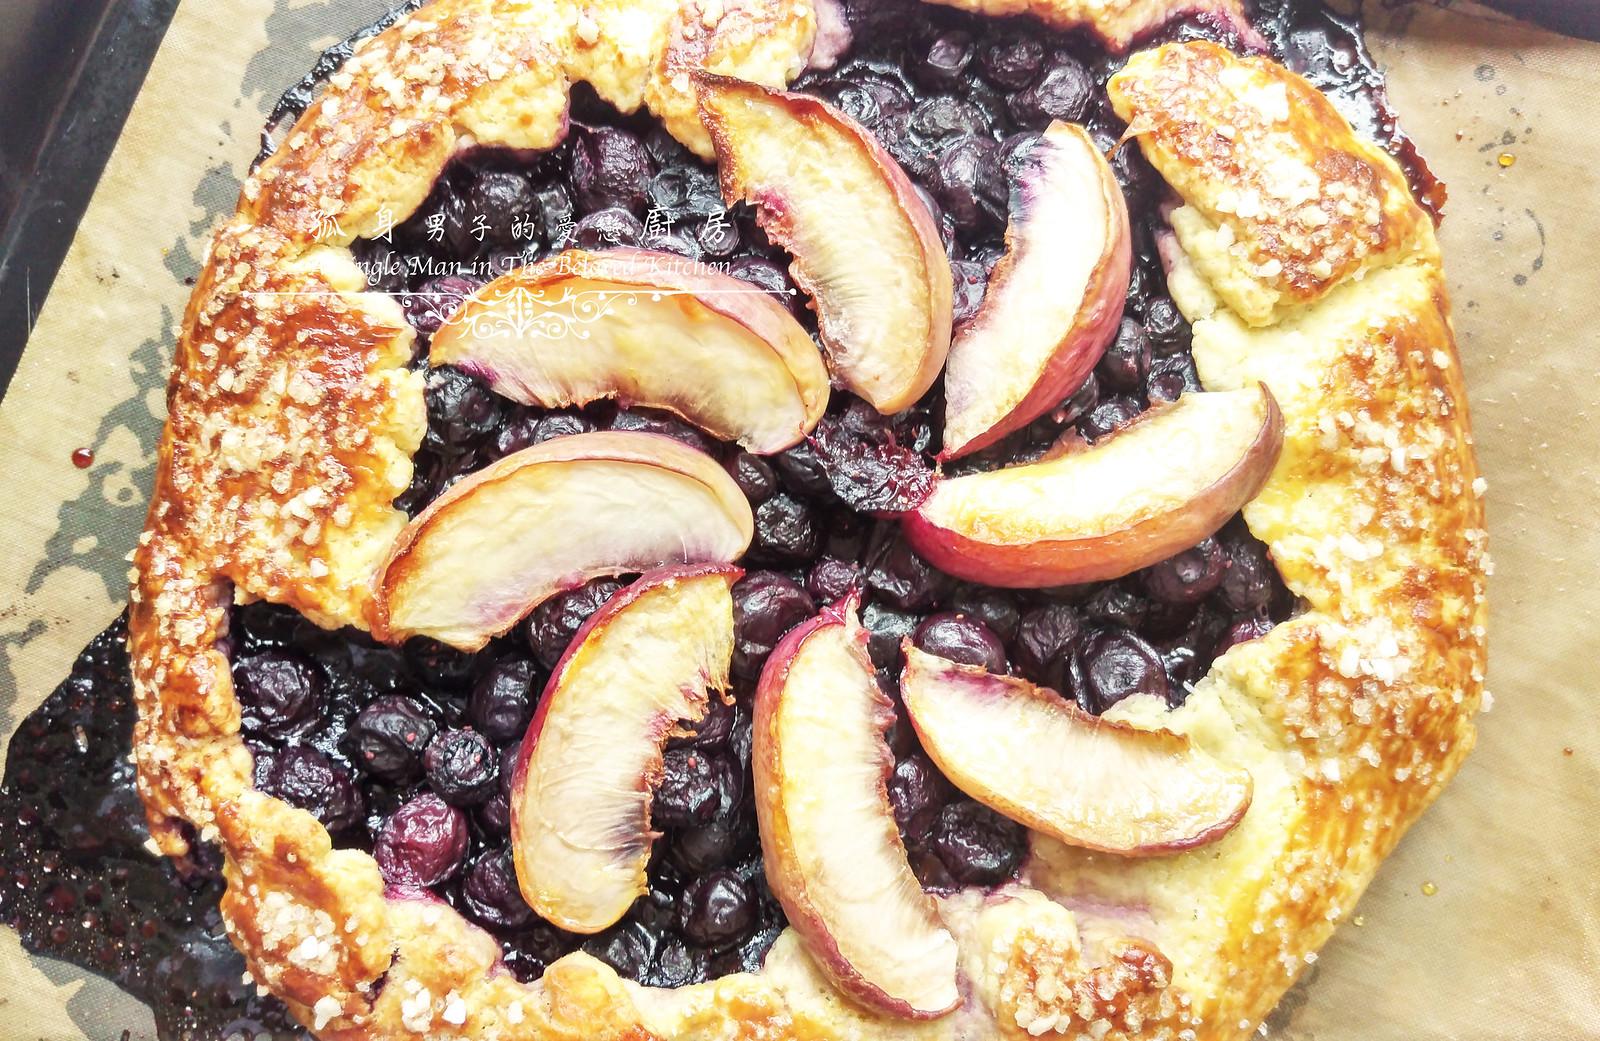 孤身廚房-藍莓甜桃法式烘餅Blueberry-Nectarin Galette26